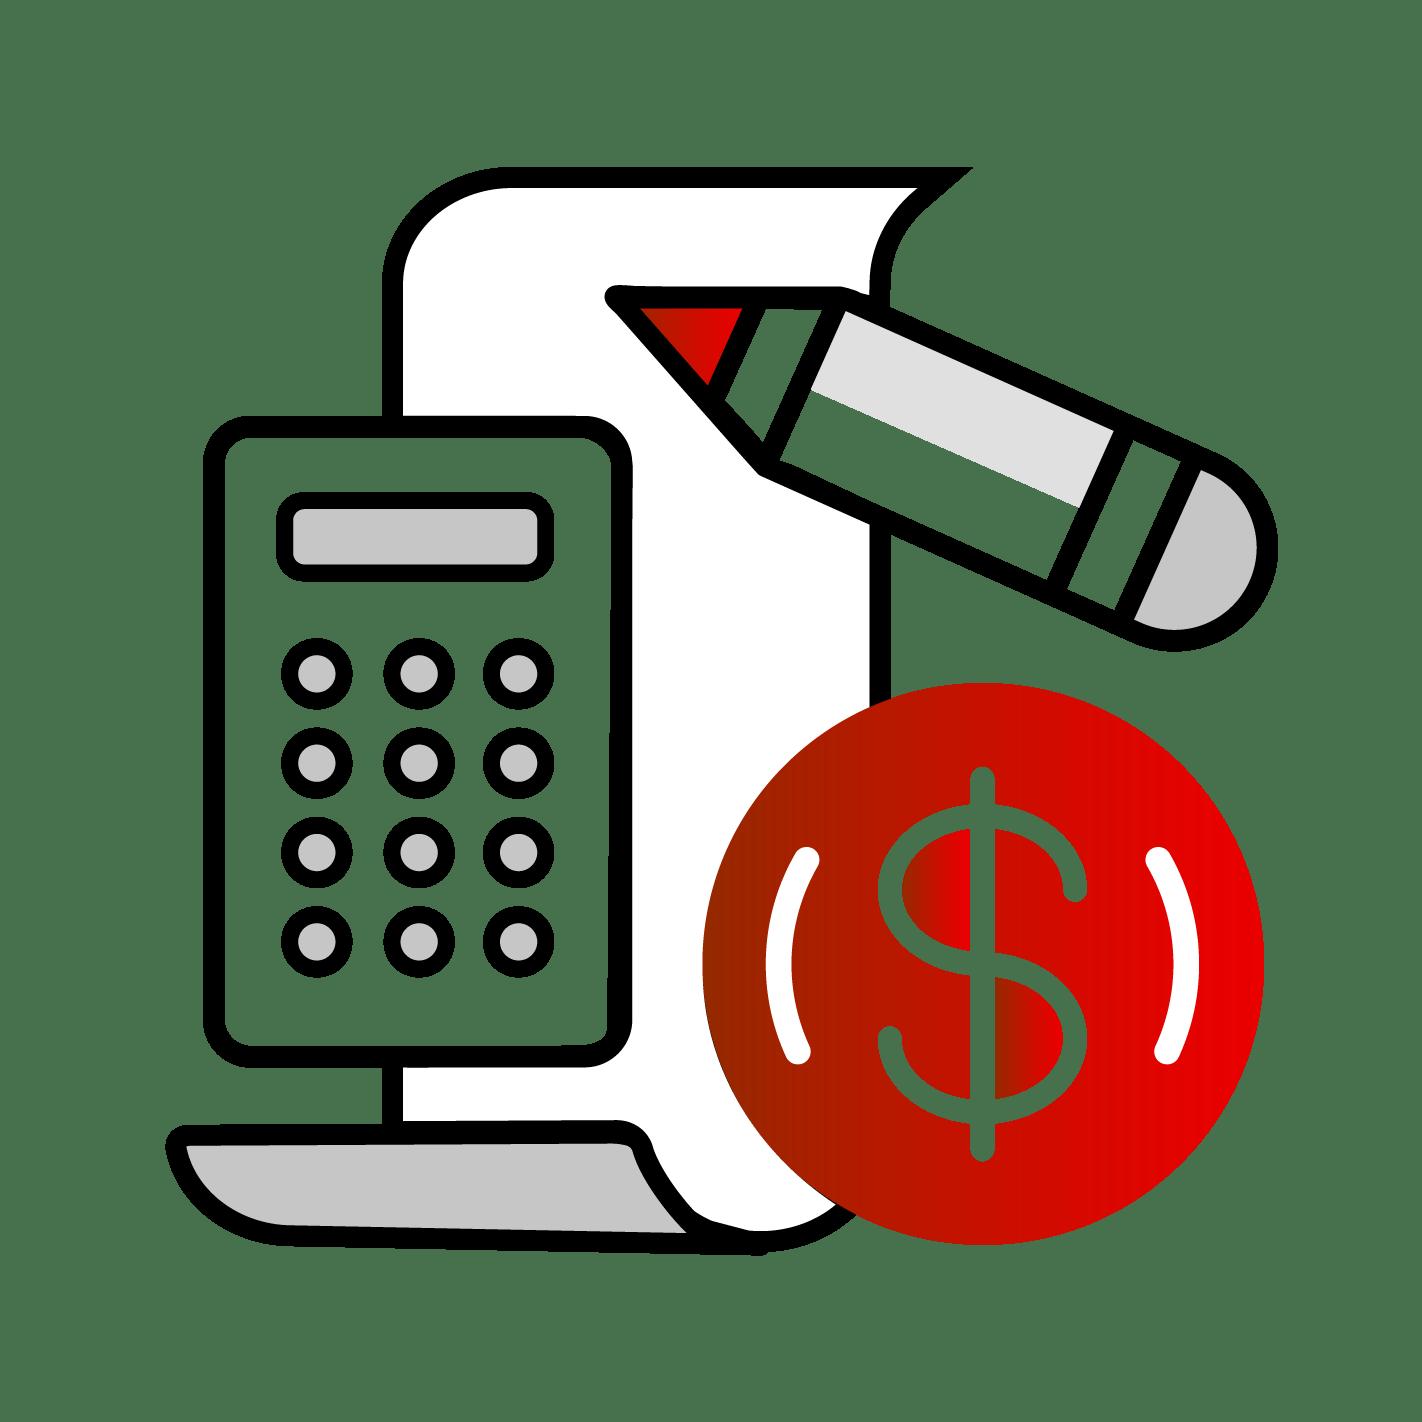 Consultoría y tramitación de licencias Ssolid